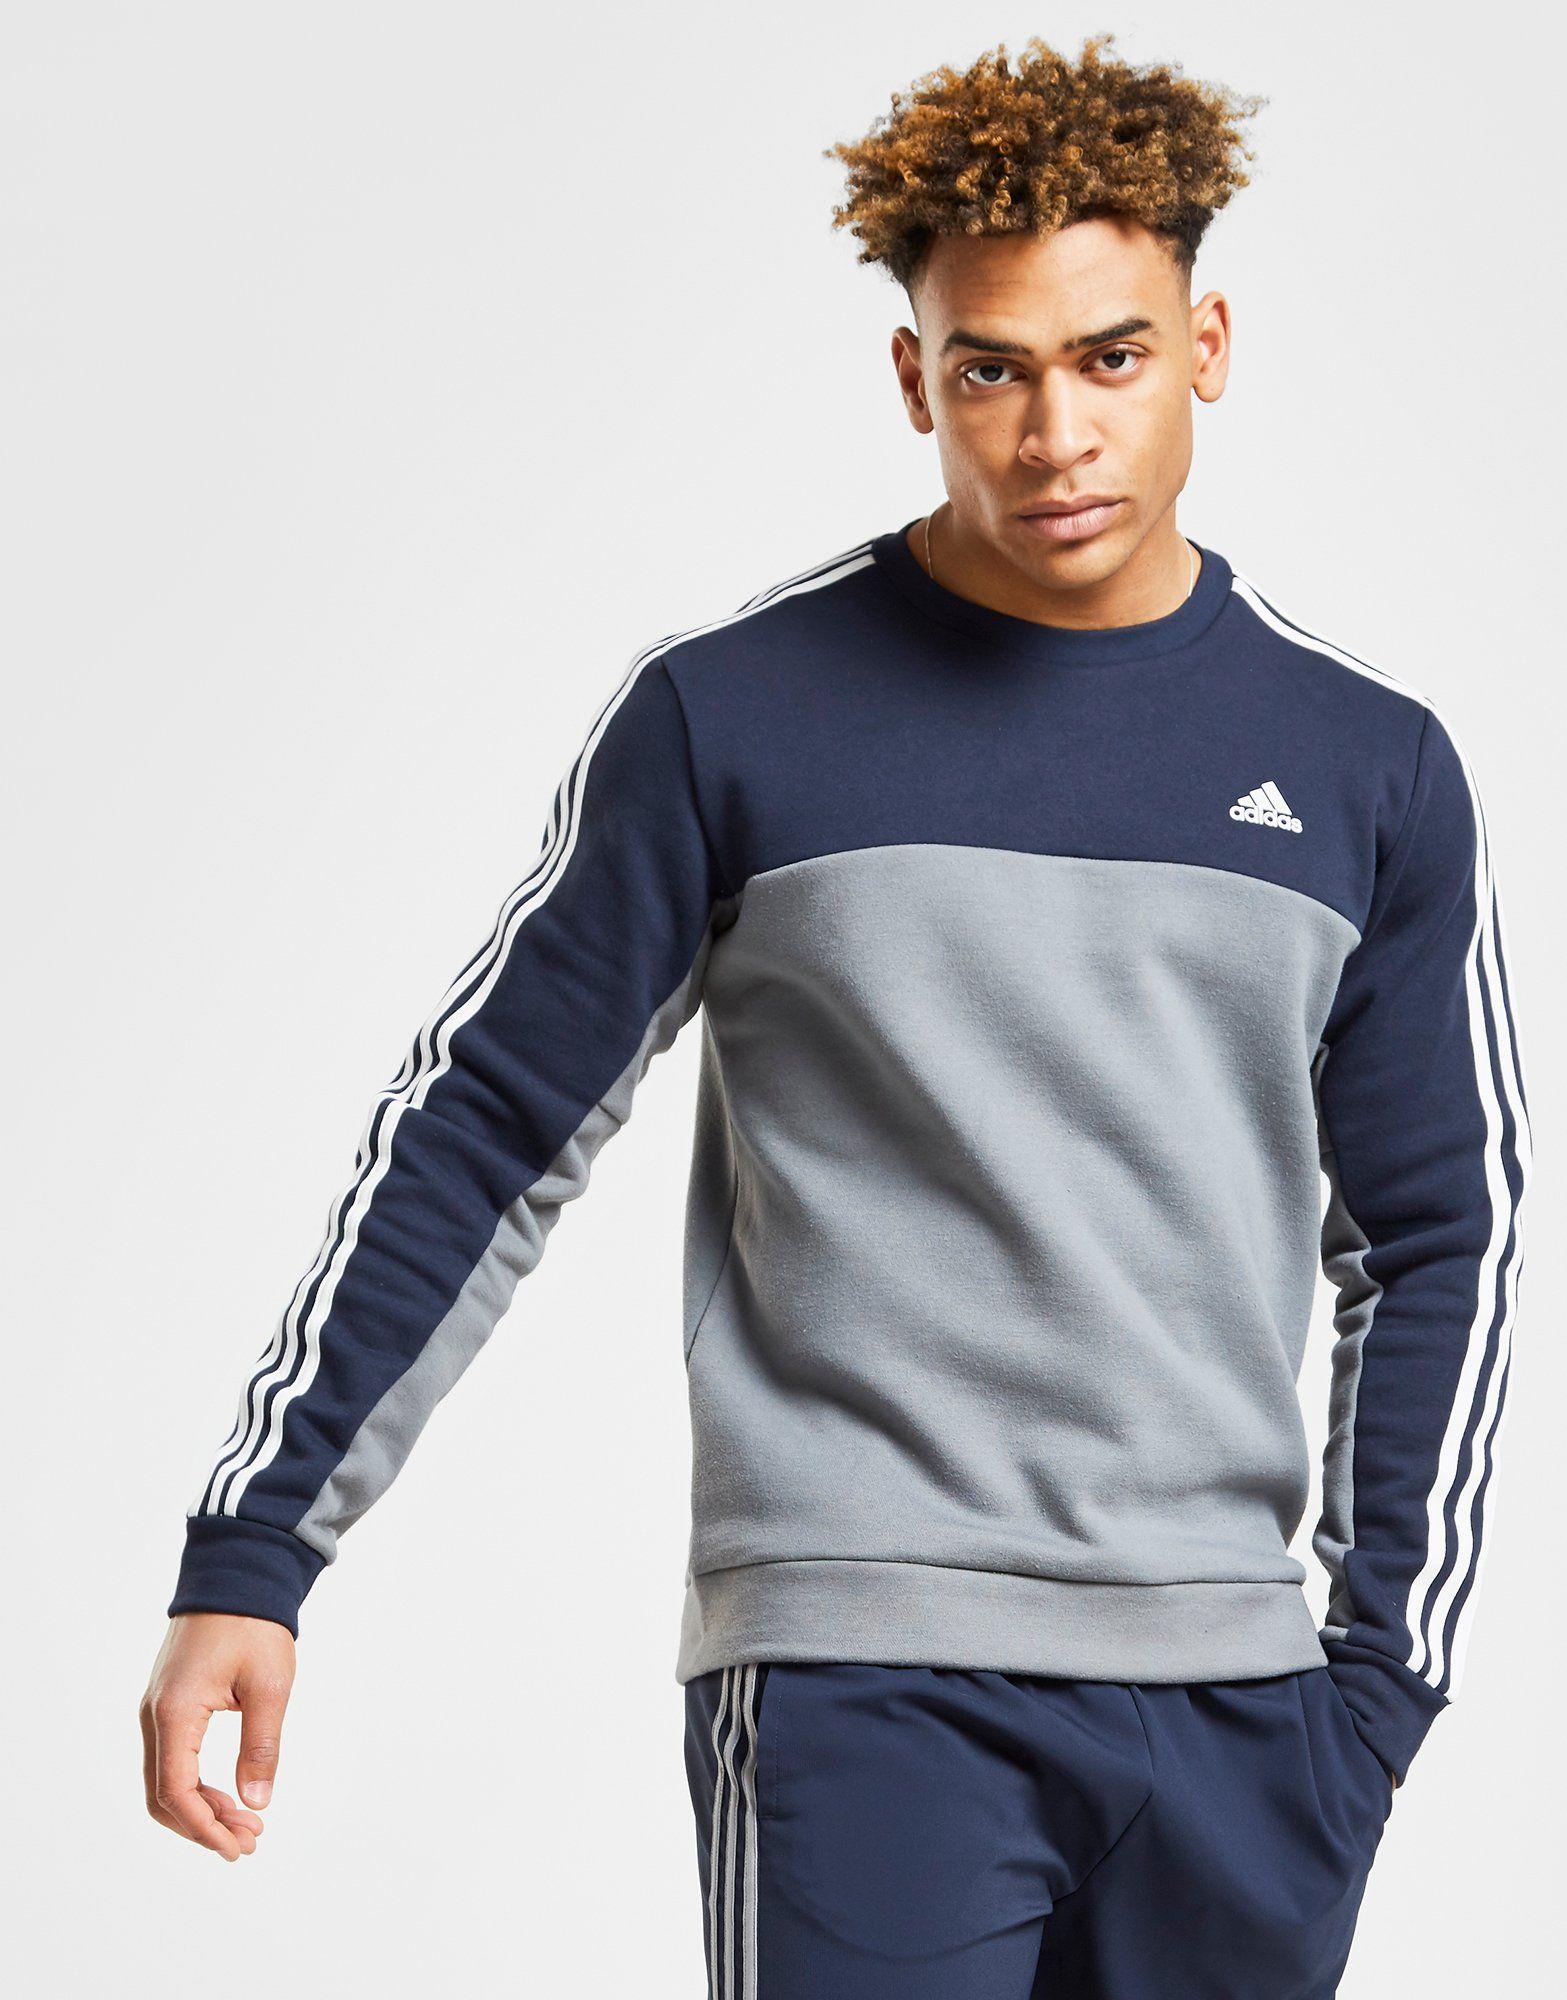 Sports SweatshirtJd Essentials Essentials Adidas Adidas Crew Adidas Crew SweatshirtJd Sports Essentials j435qcARL